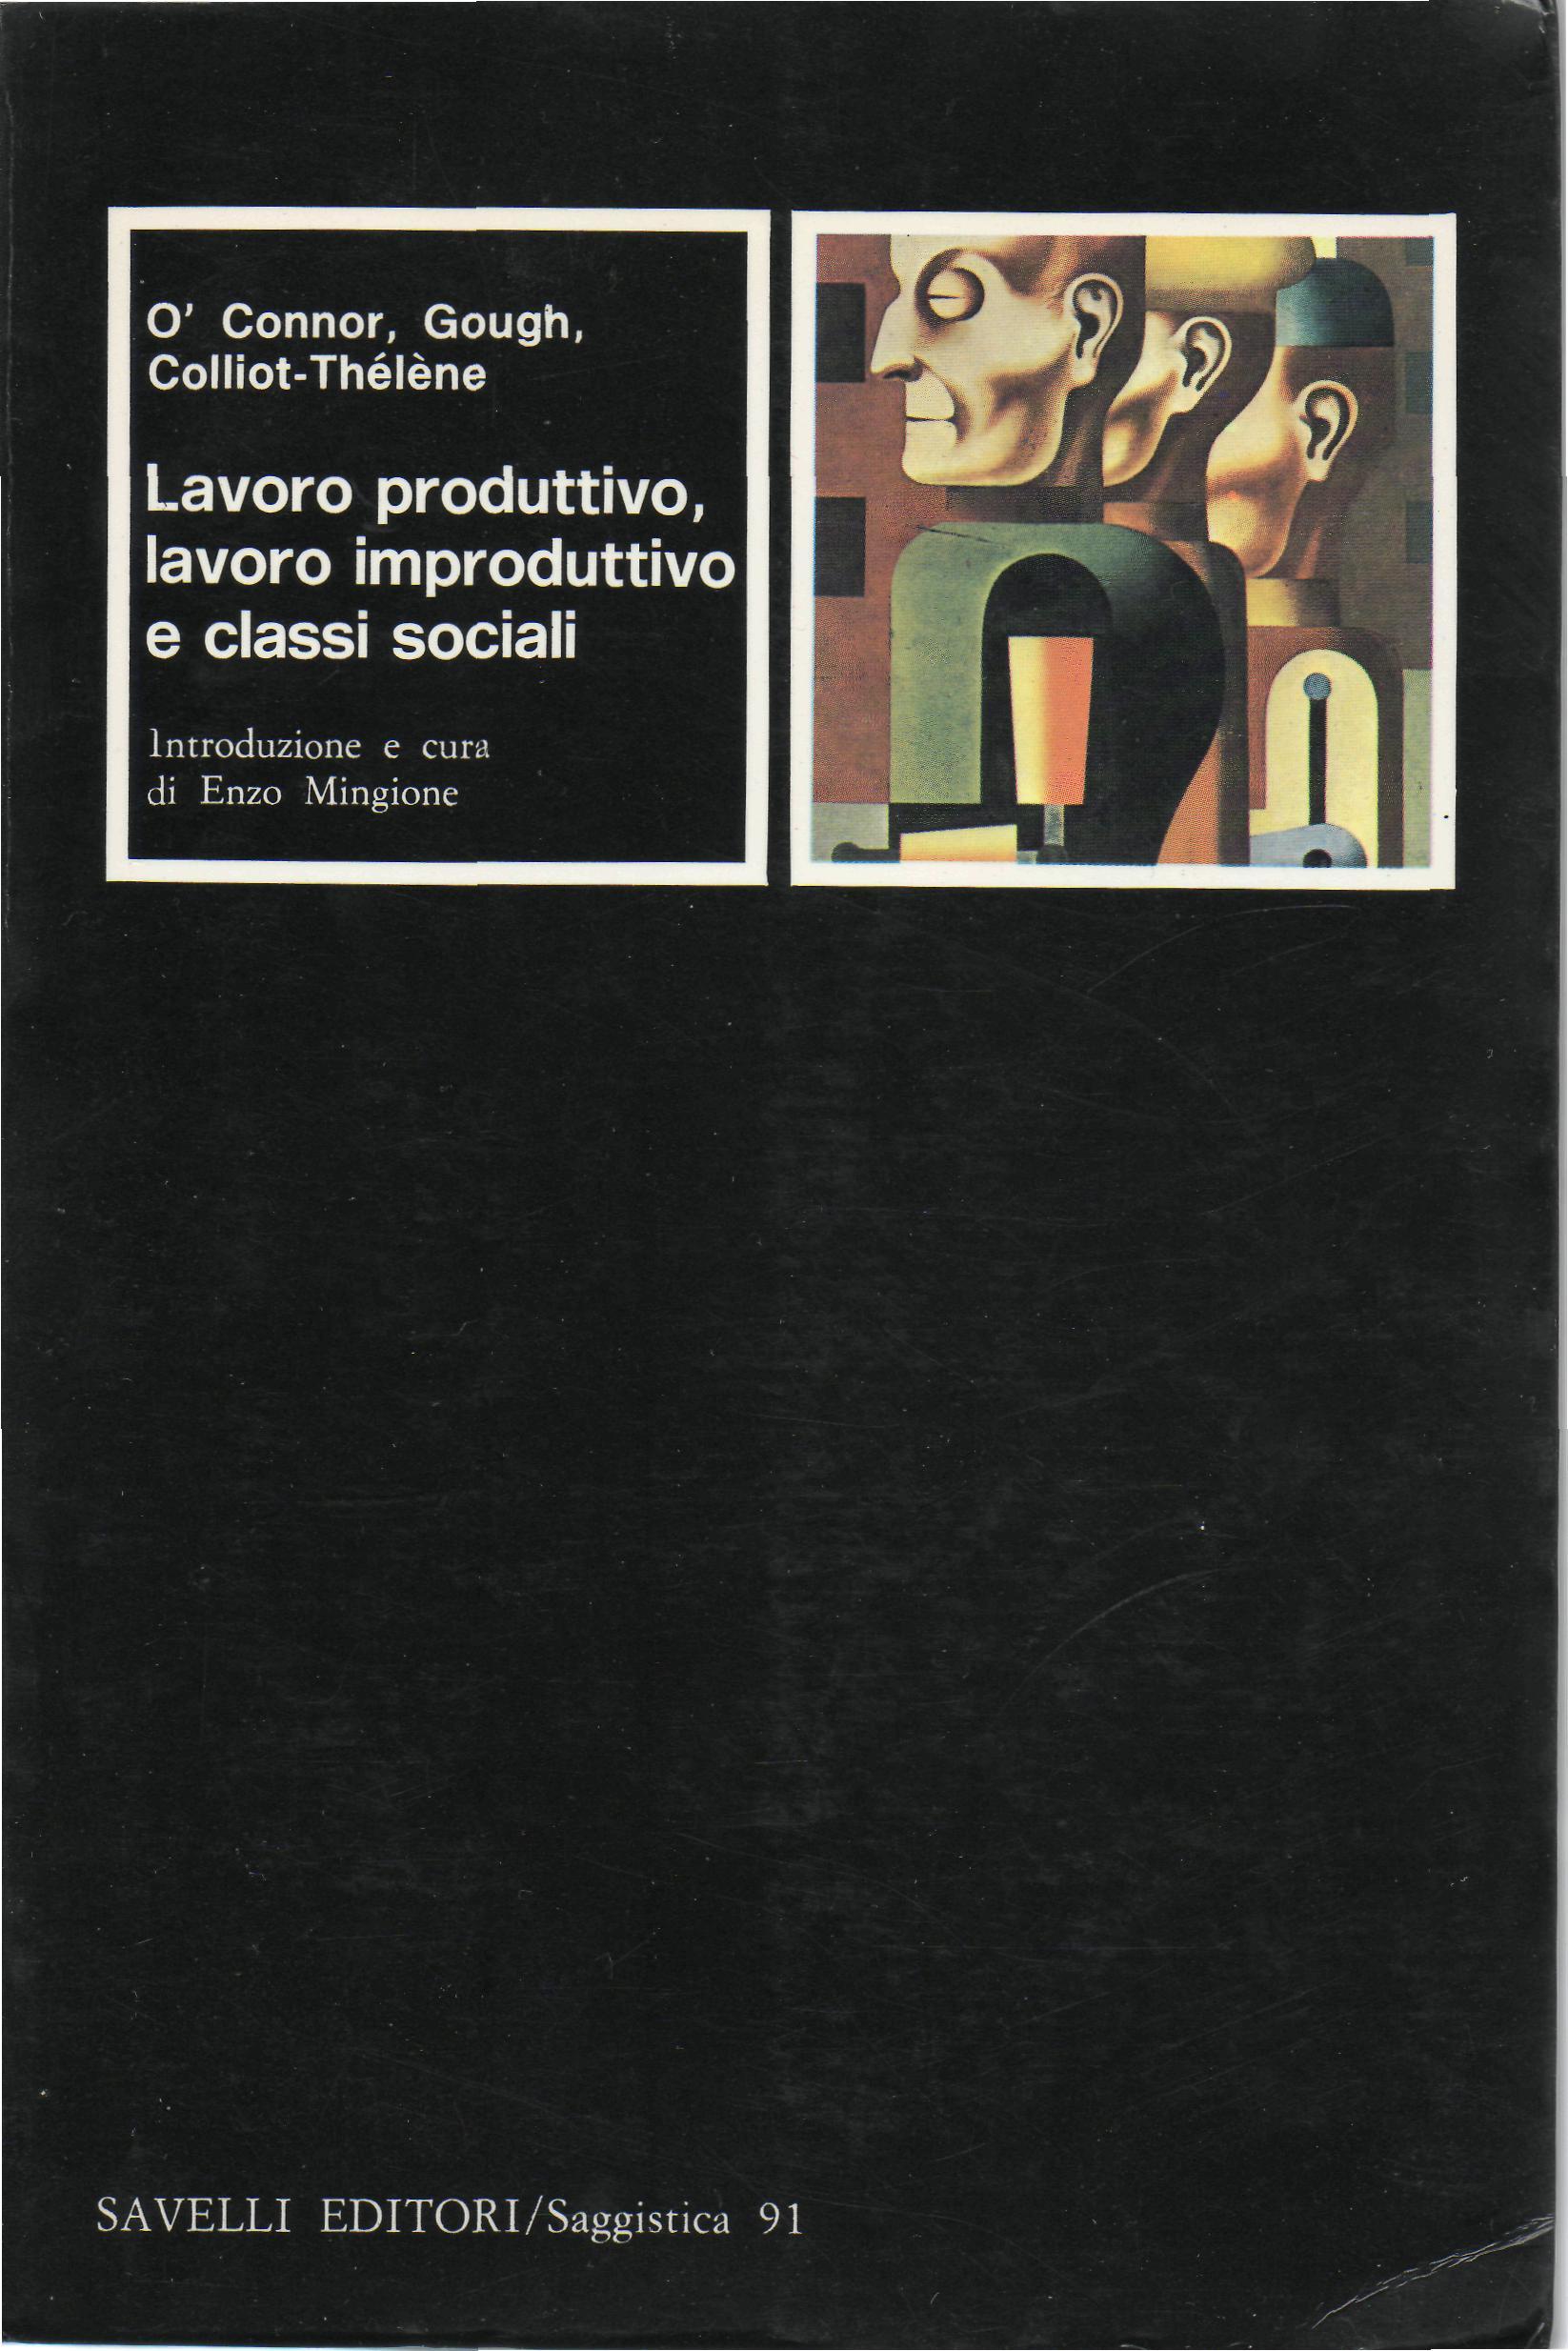 Lavoro produttivo, lavoro improduttivo e classi sociali